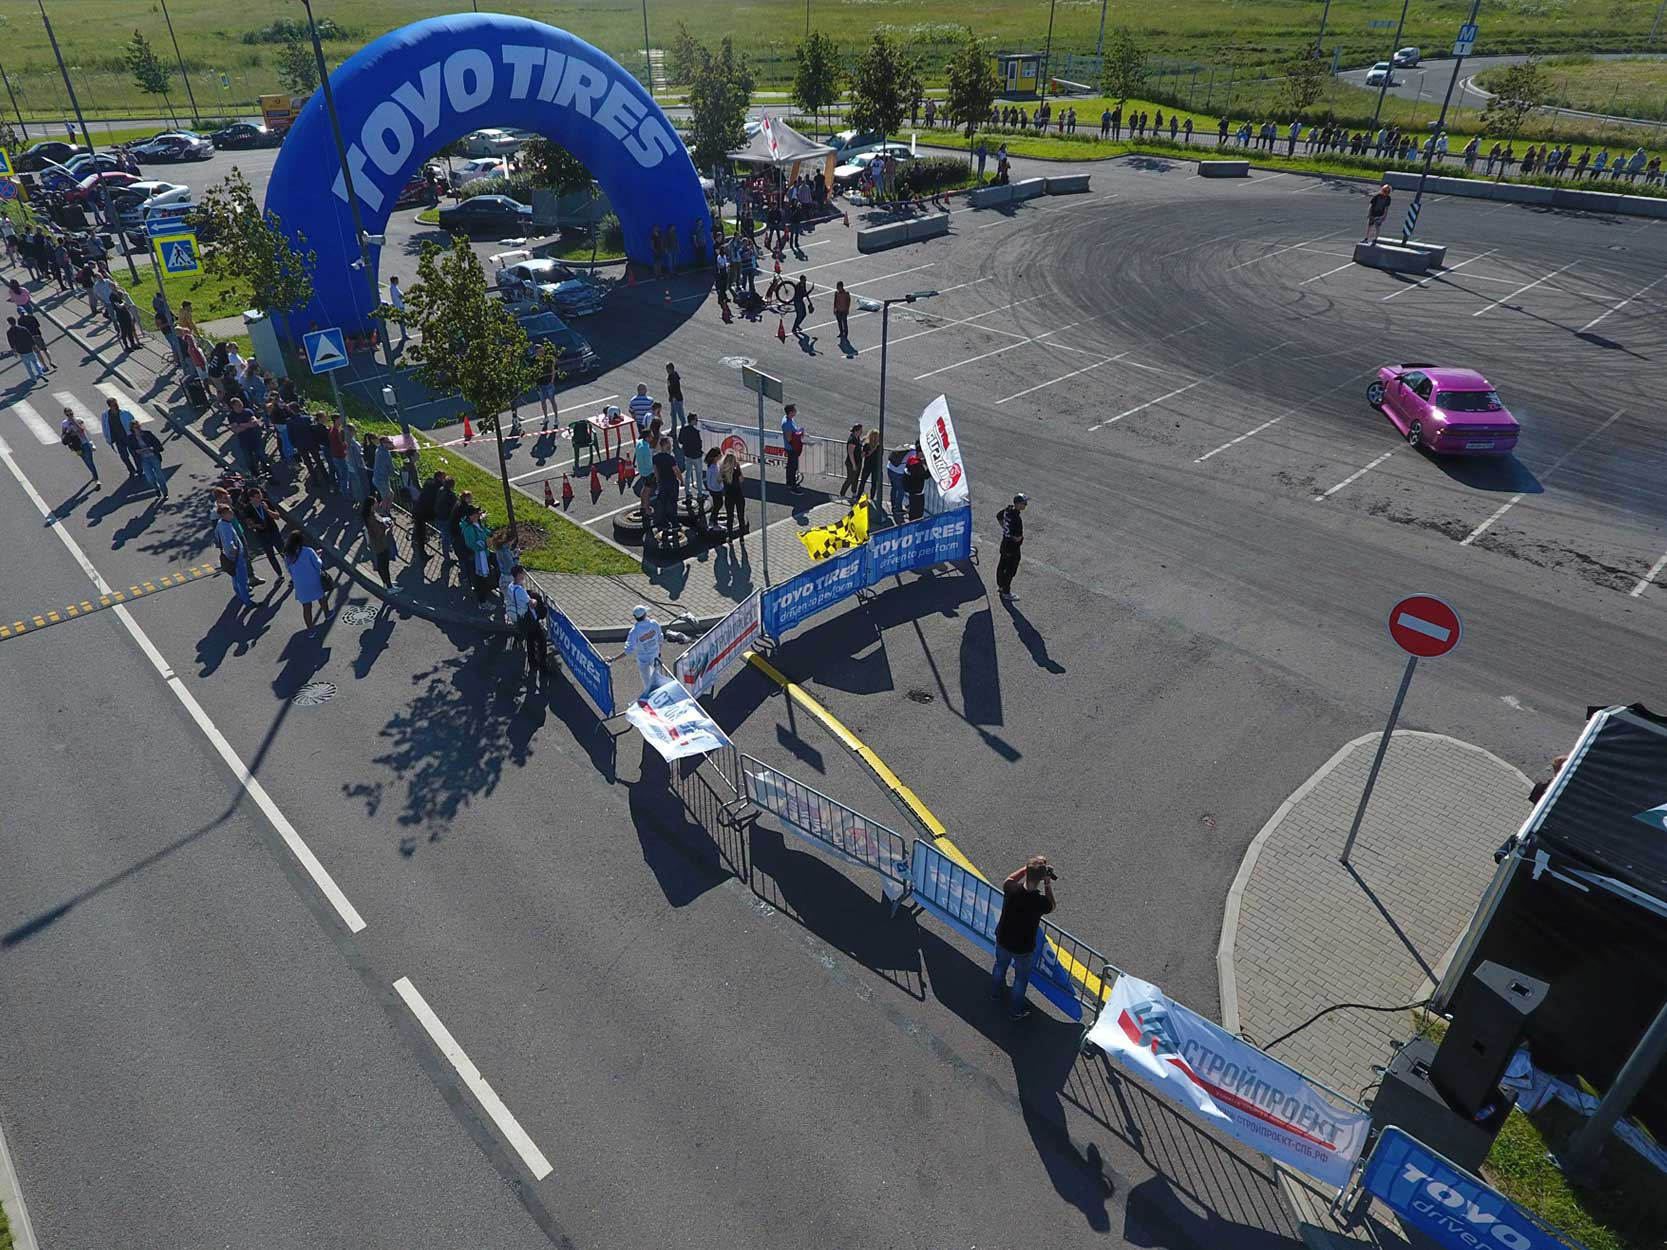 Спонсор «ROYAL AUTO SHOW», организация ограждений на гоночном трэке